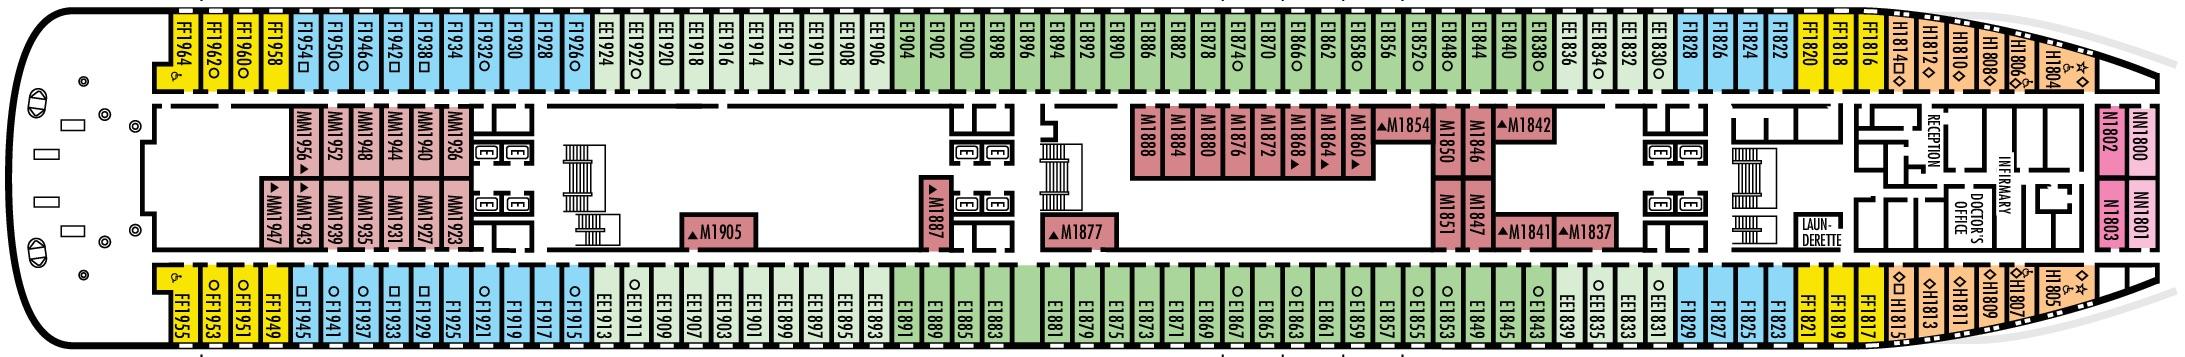 Volendam-deckplan-Deck 1